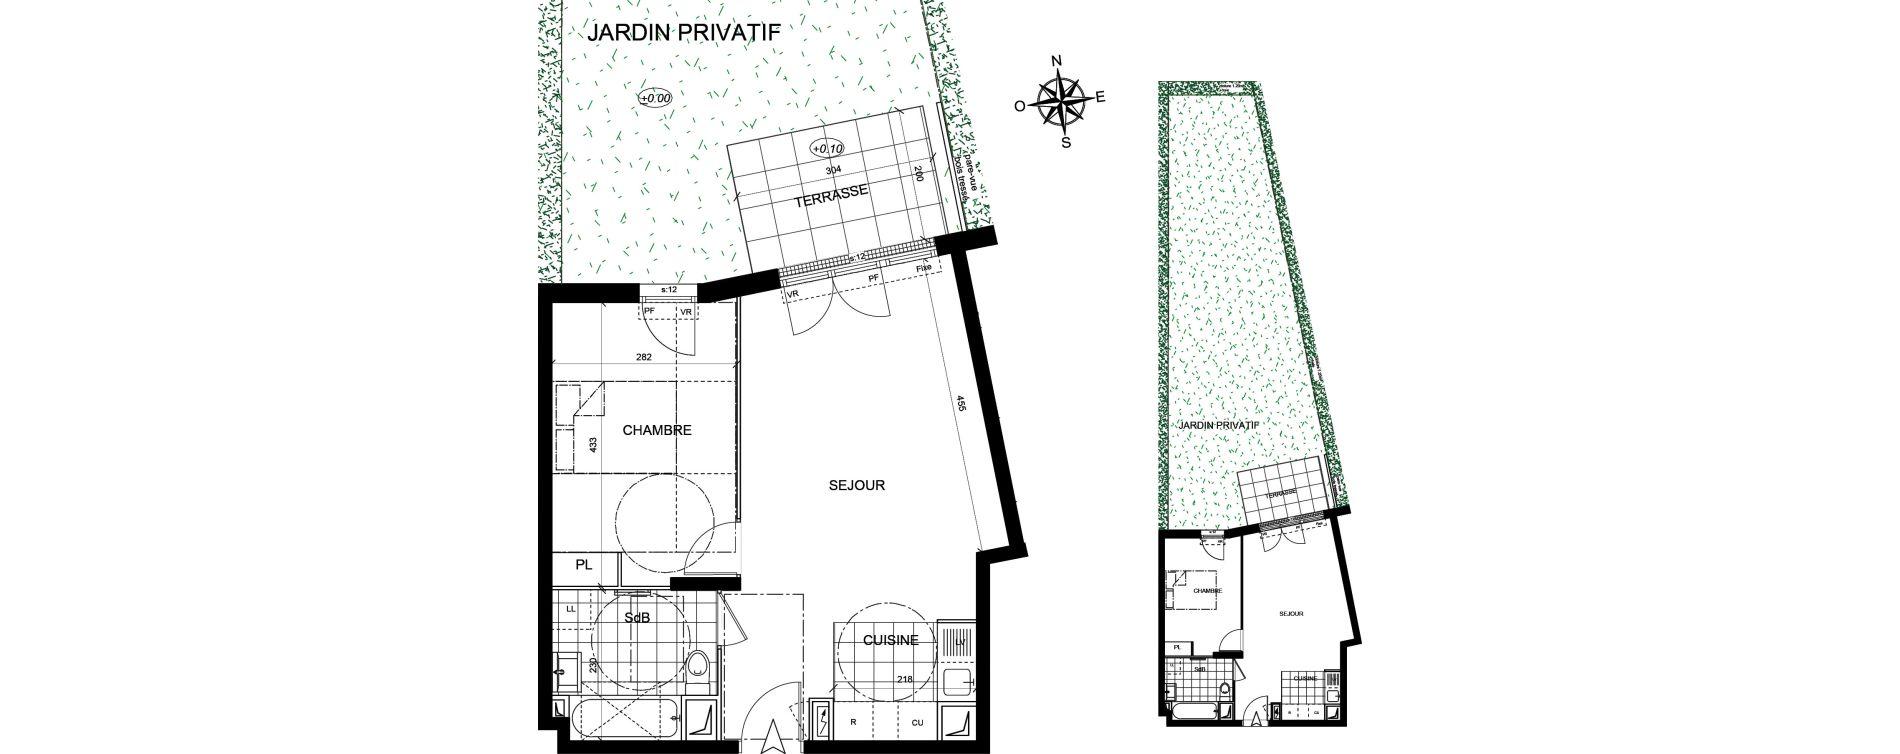 Appartement T2 de 43,14 m2 à Livry-Gargan Centre